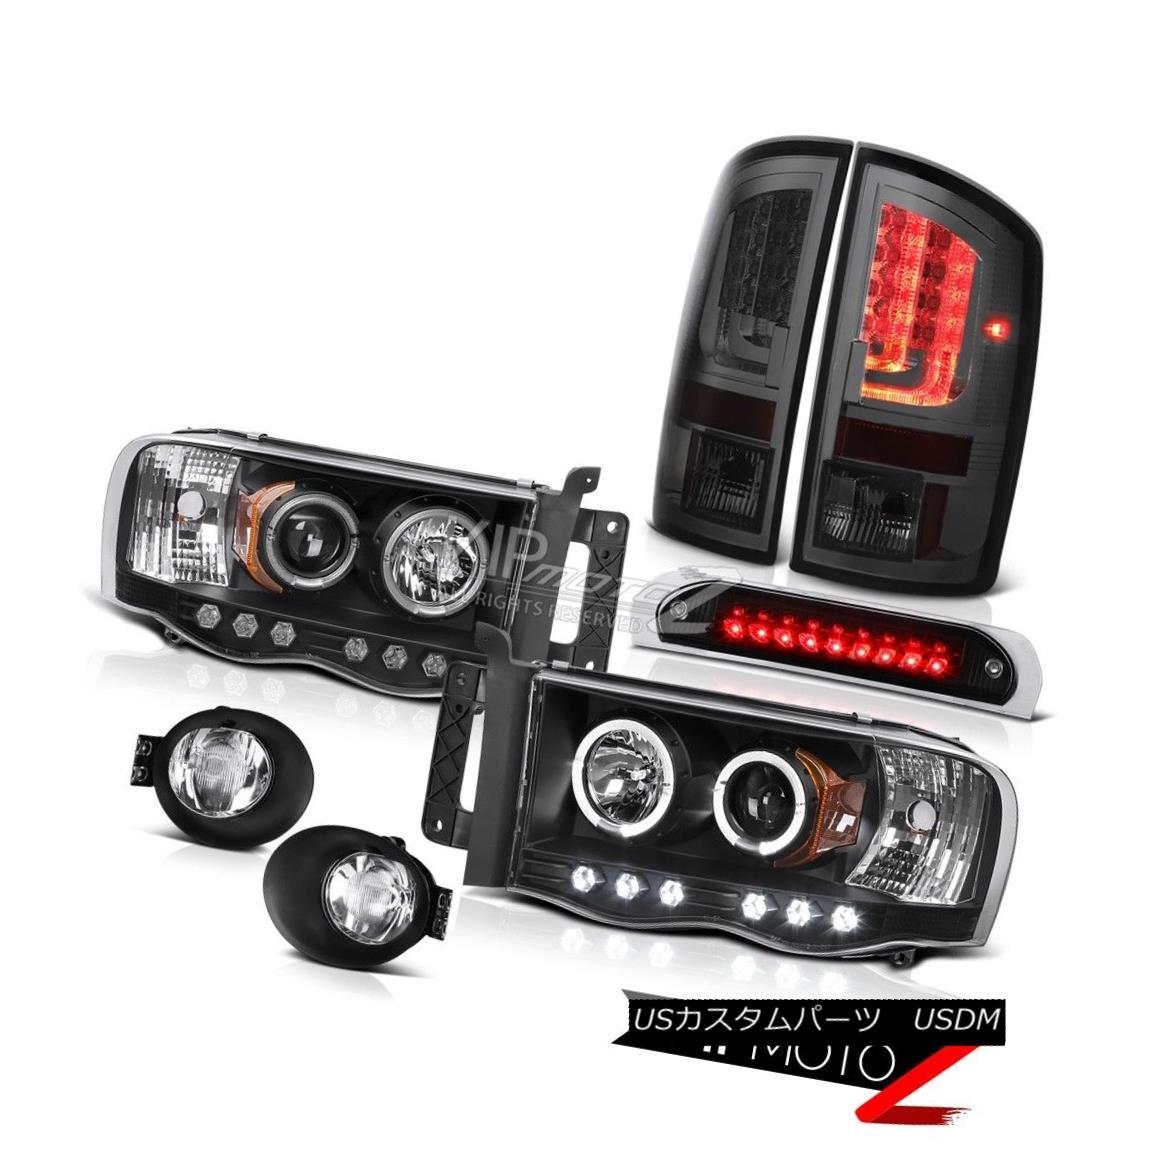 テールライト 2003-2005 Dodge Ram 2500 SLT Taillamps Foglamps 3RD Brake Light Headlamps LED 2003-2005 Dodge Ram 2500 SLT Taillamps Foglamps 3RDブレーキライトヘッドランプ